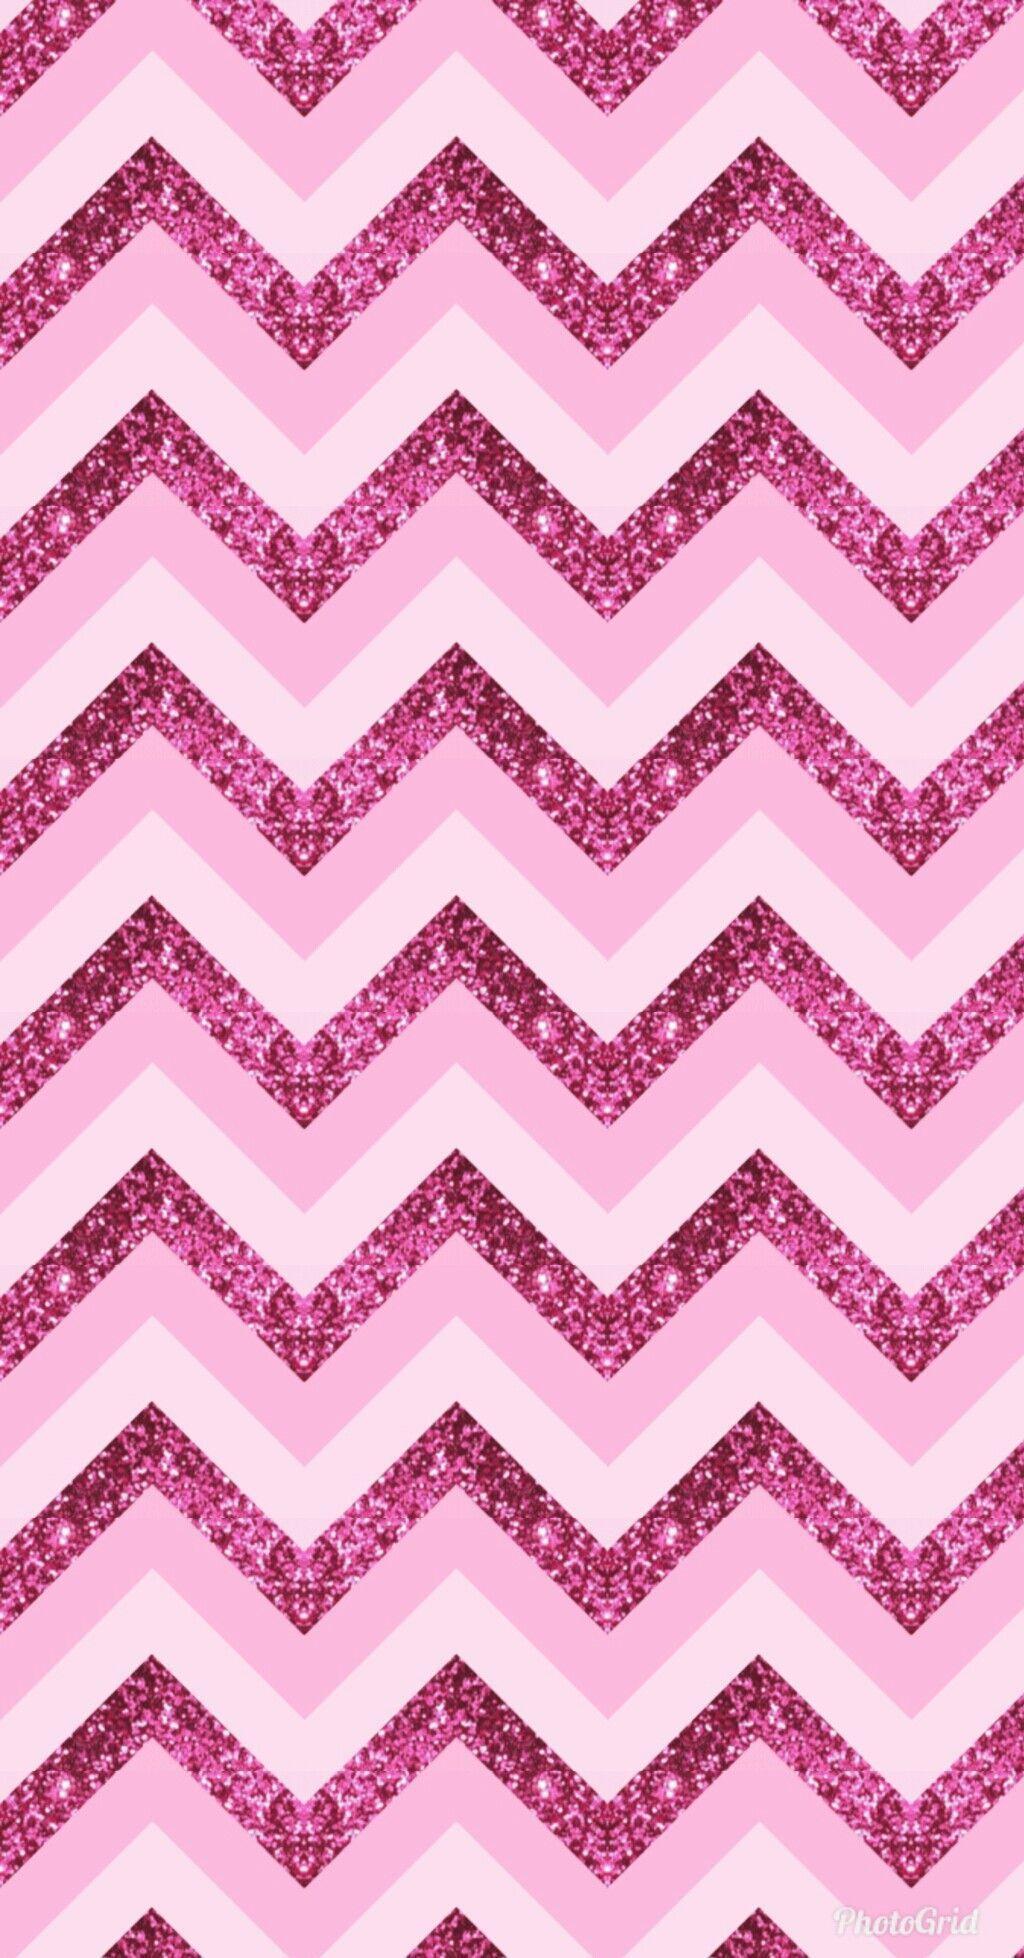 Wallpaper #pinkchevronwallpaper Wallpaper